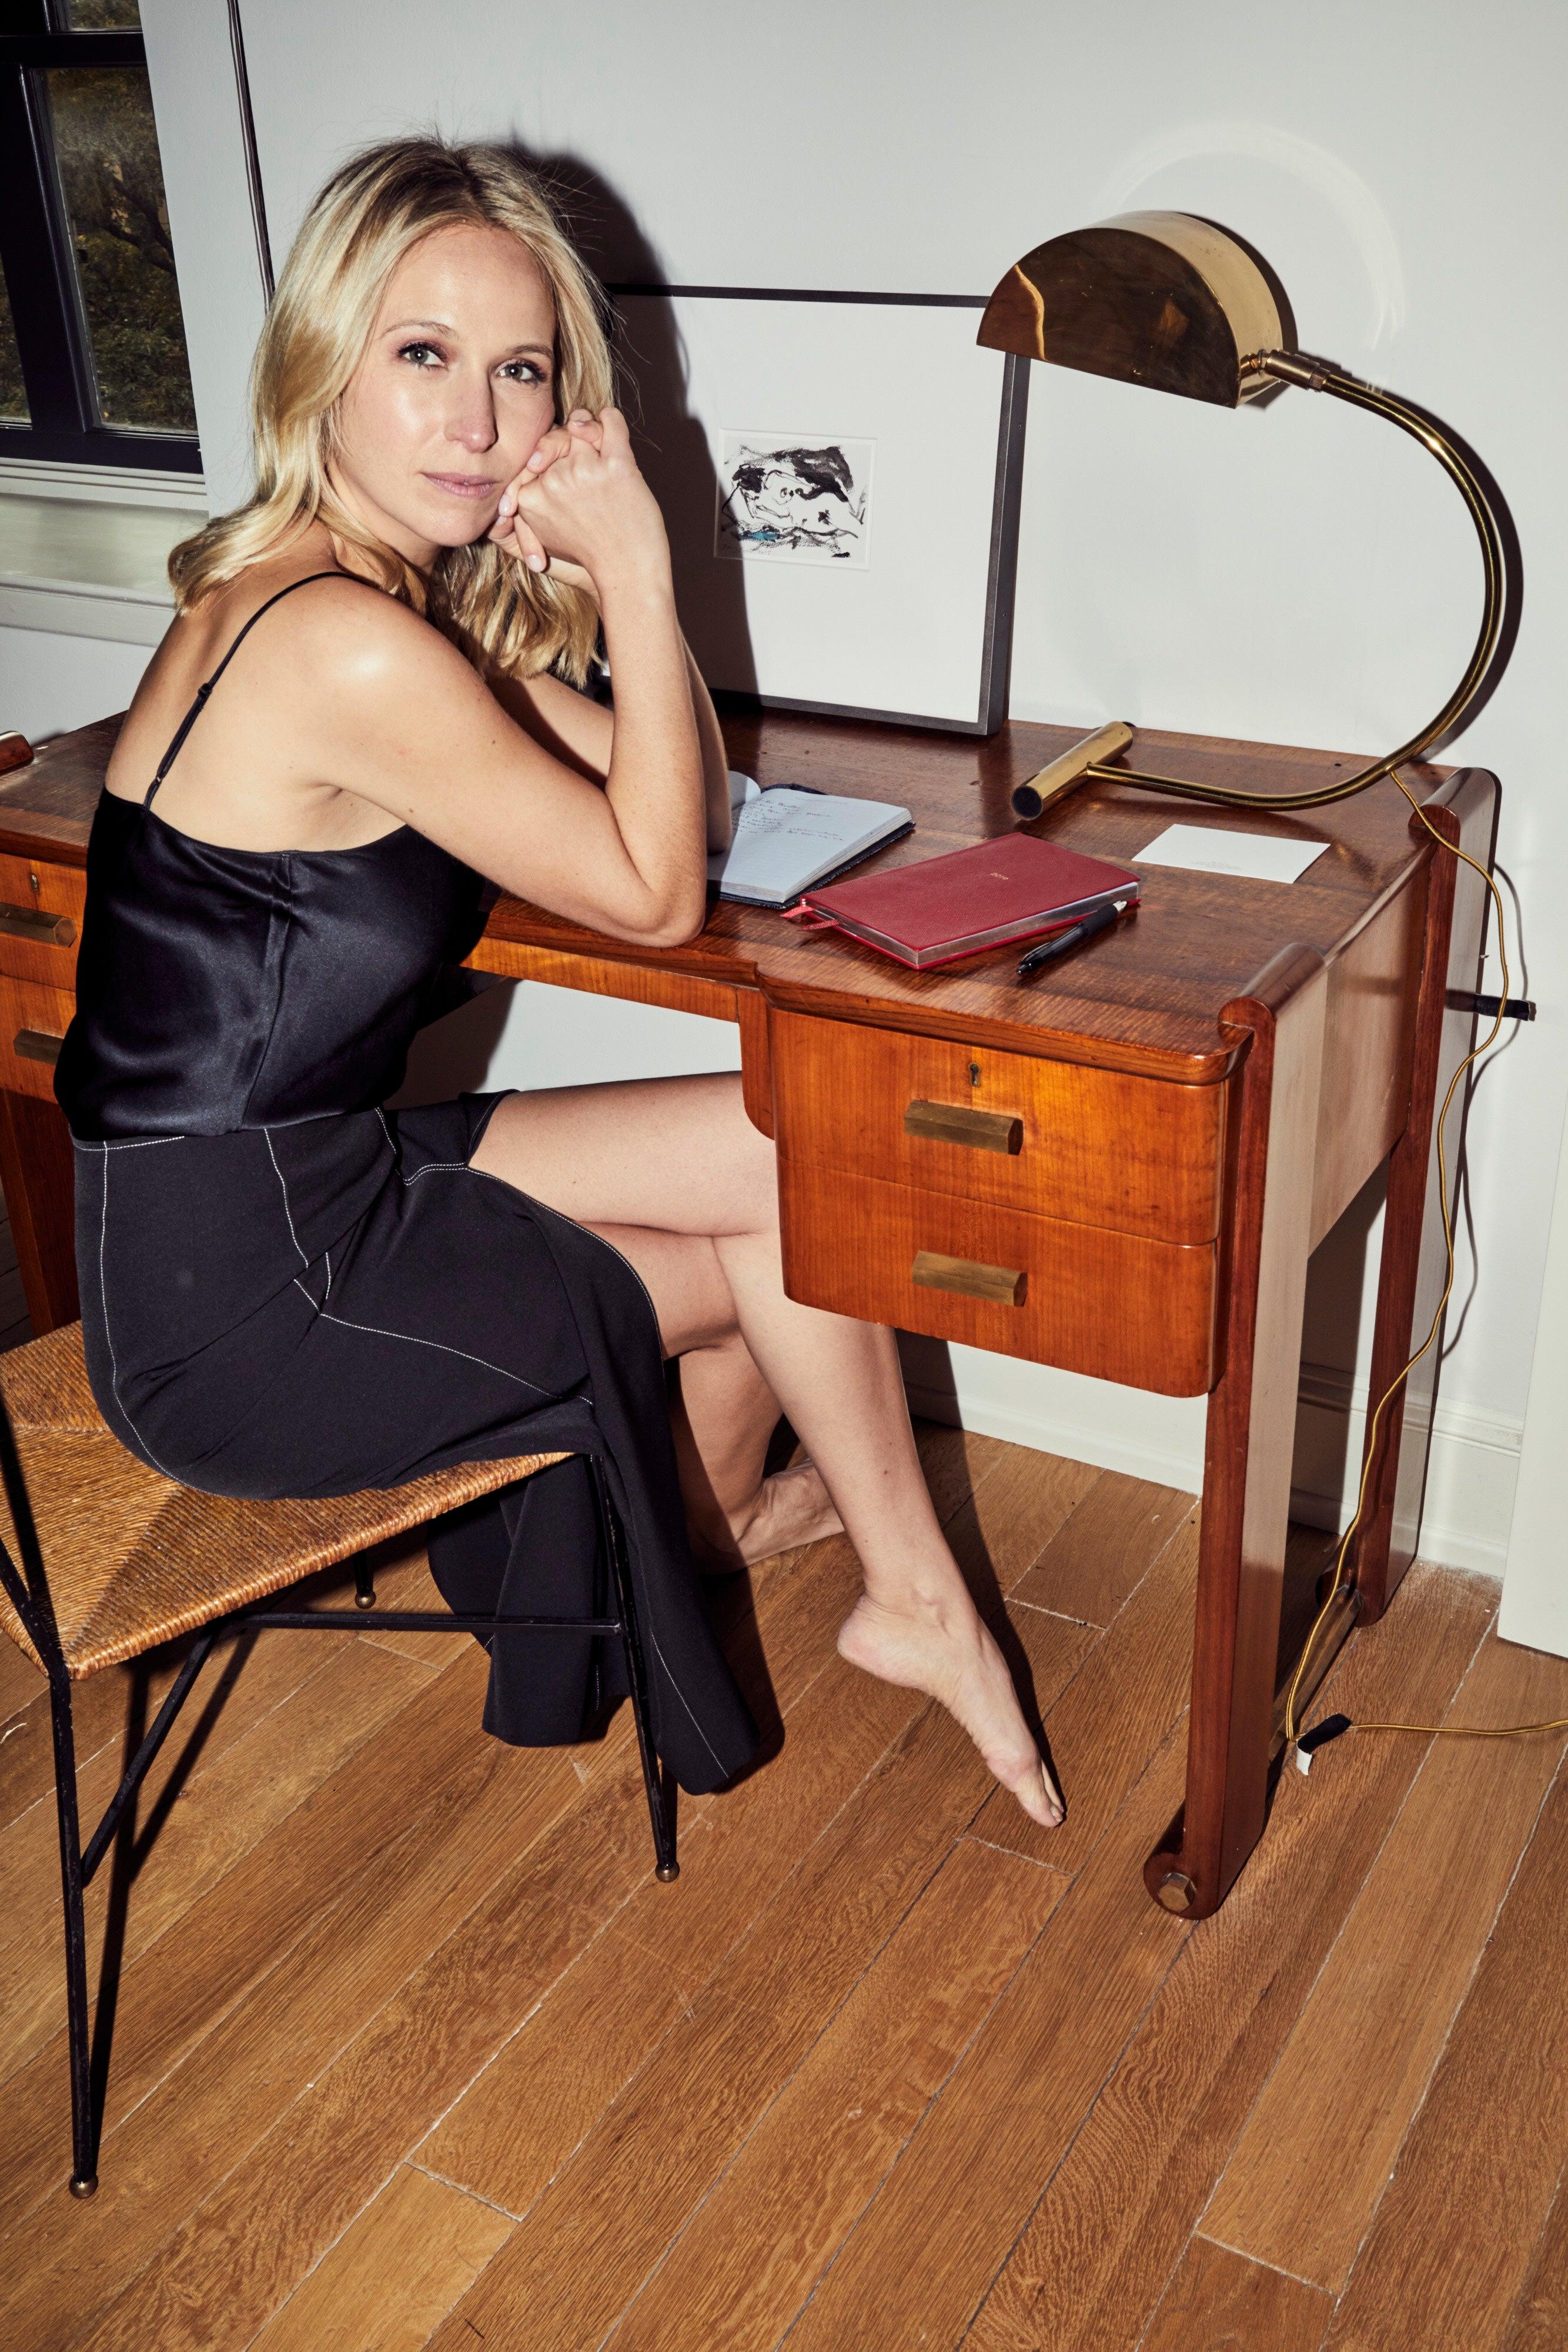 Misha at her desk